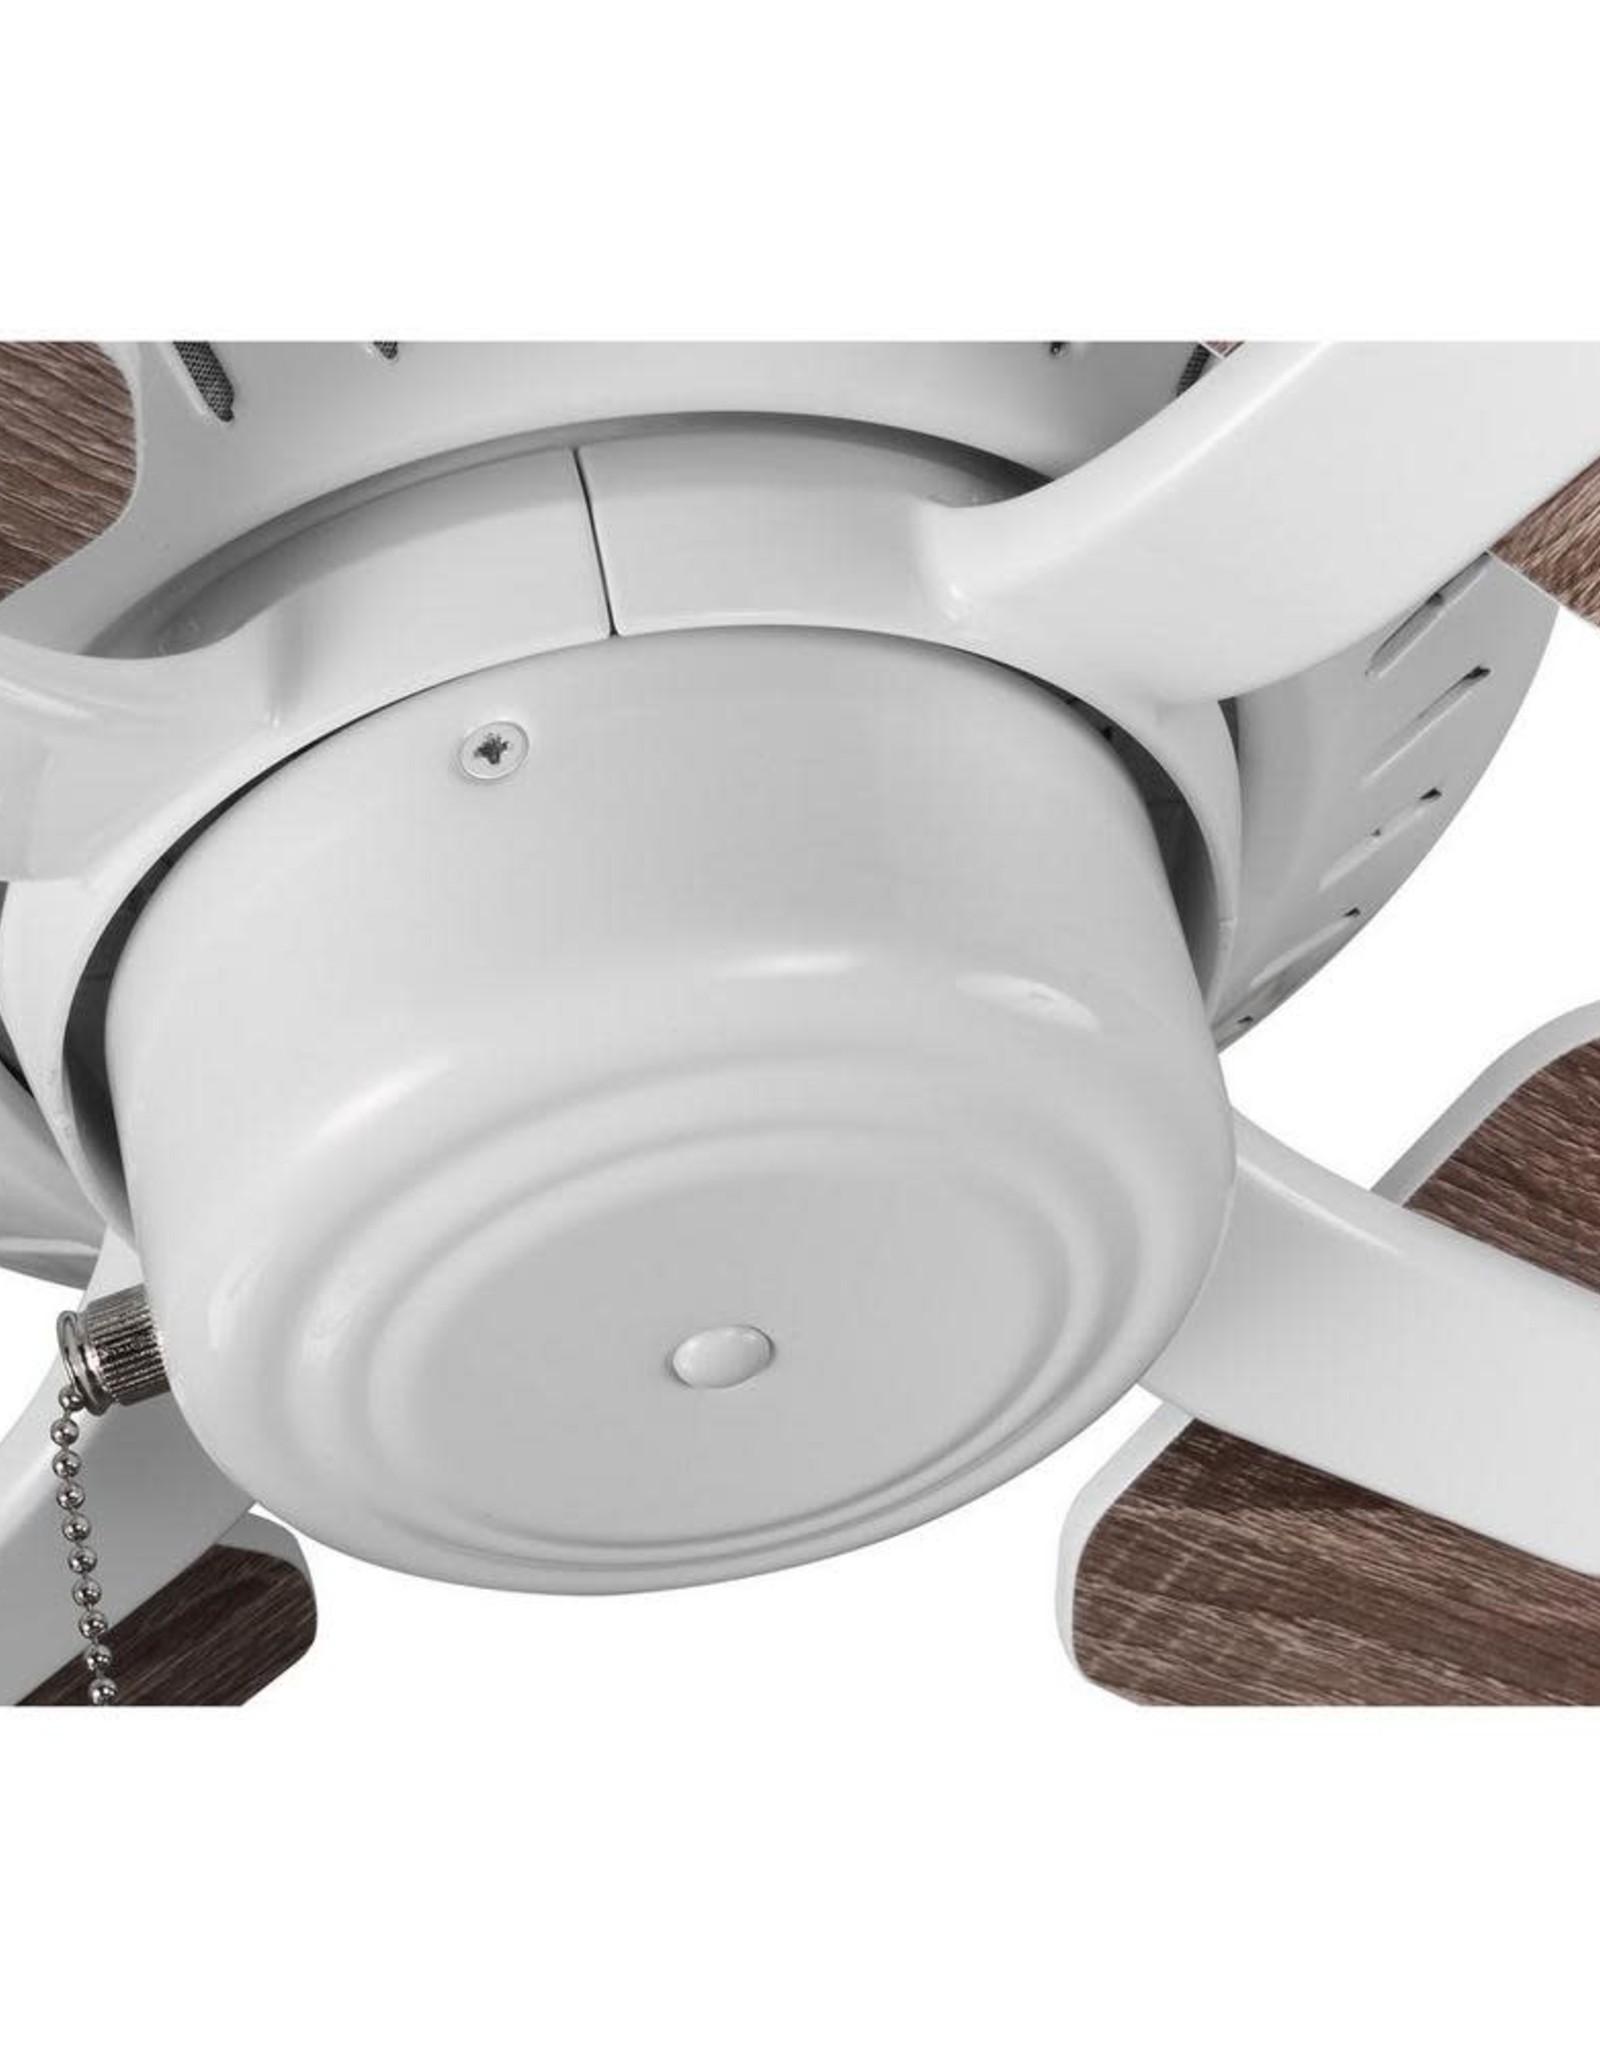 Progress Lighting Drift 32 in. 4-Blade White Ceiling Fan